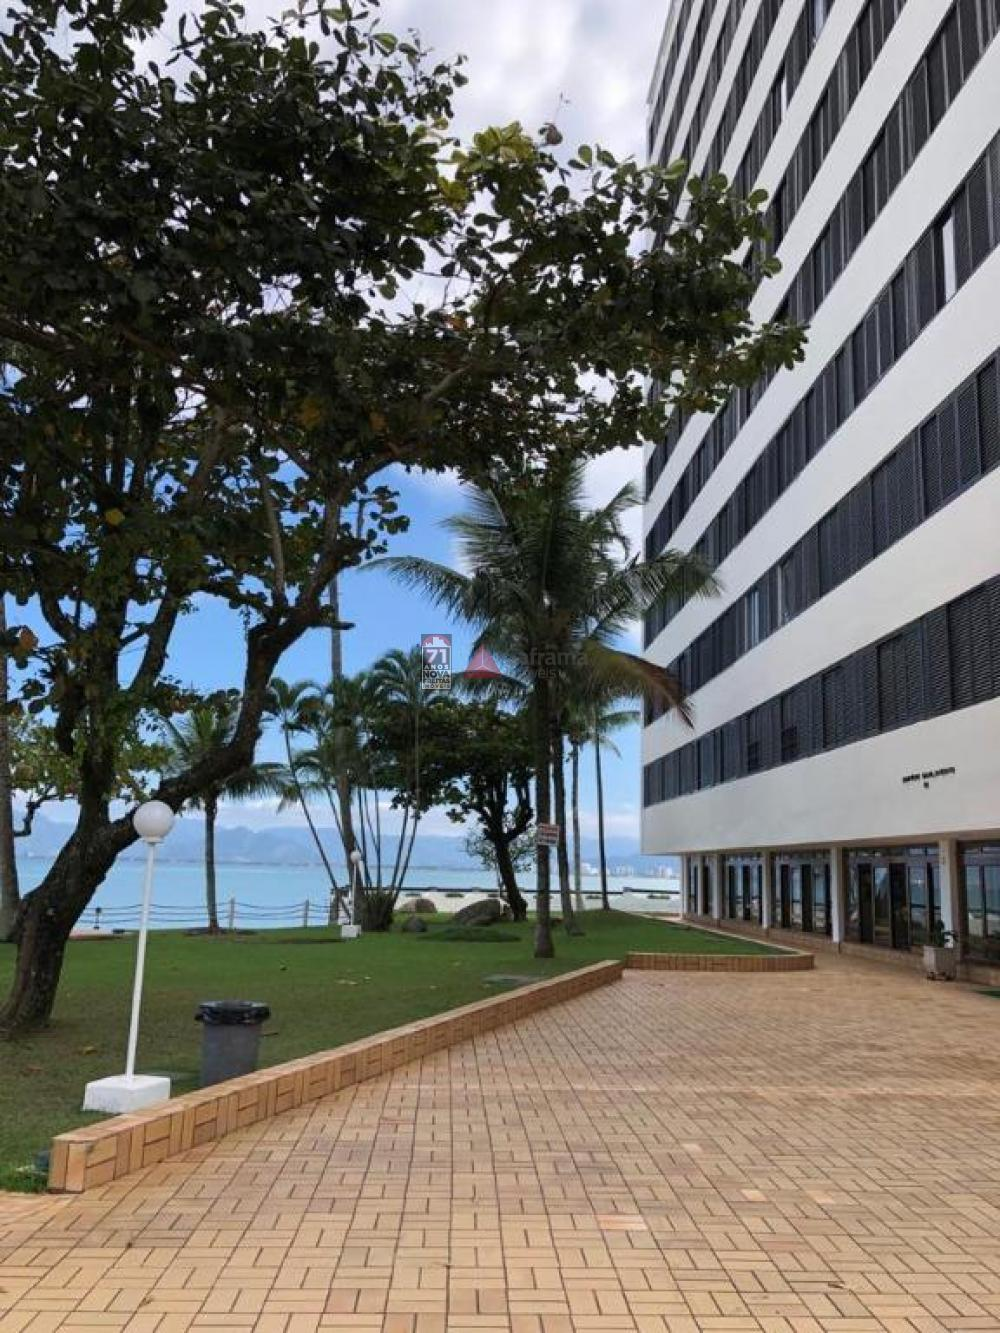 Comprar Apartamento / Padrão em Caraguatatuba apenas R$ 400.000,00 - Foto 12